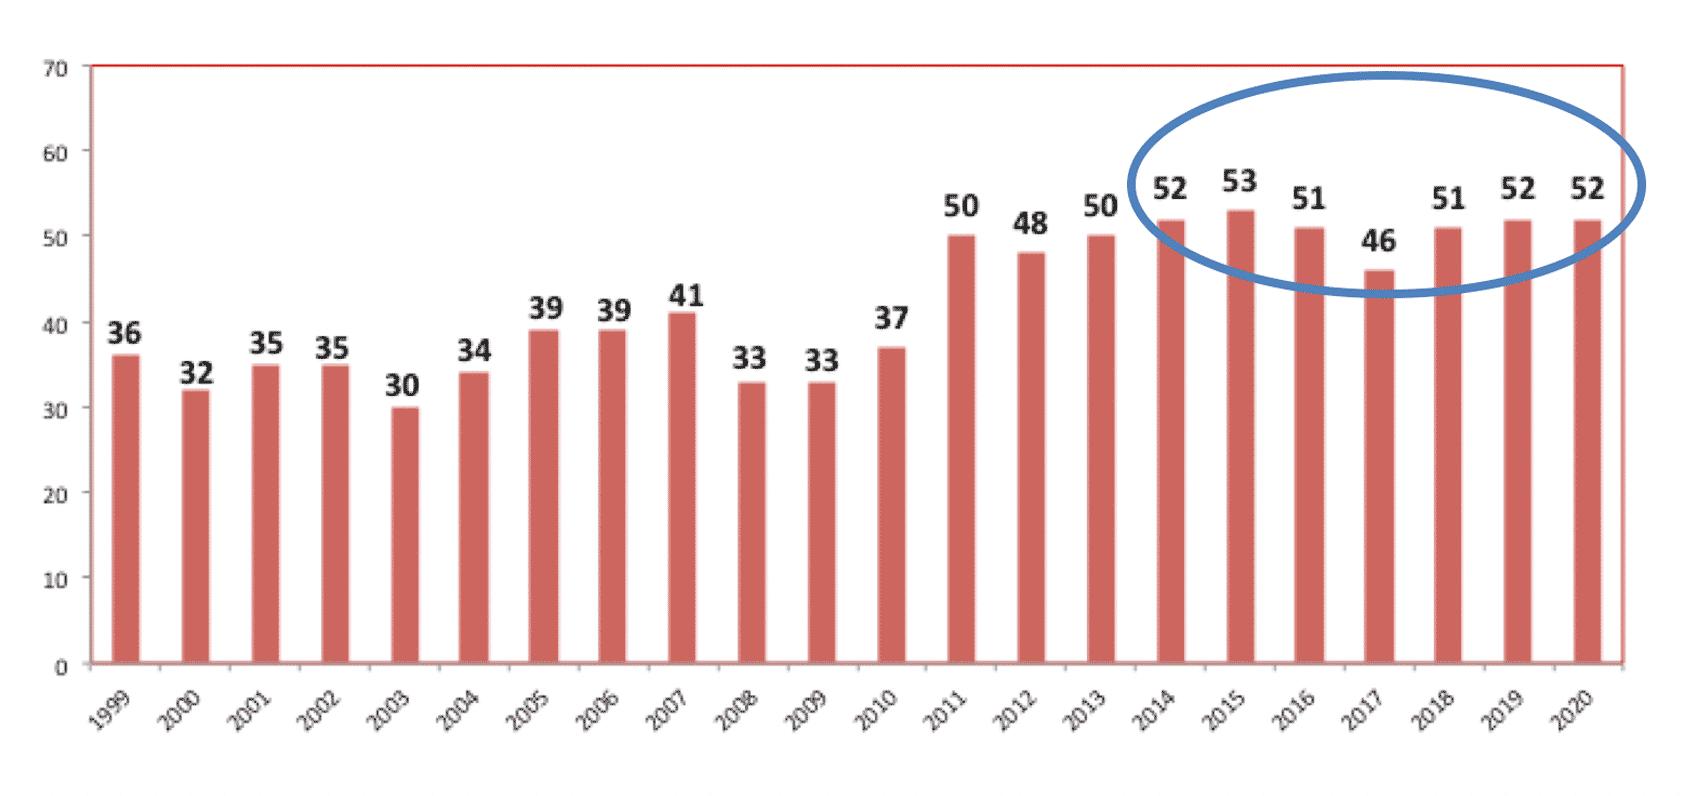 Gráfico Evolución de Negativa Familiar en Chile (porcentaje de negativas sobre entrevistas enero-octubre). Fuente: Coordinación Nacional de Donación, Procuramiento y Trasplante/Minsal